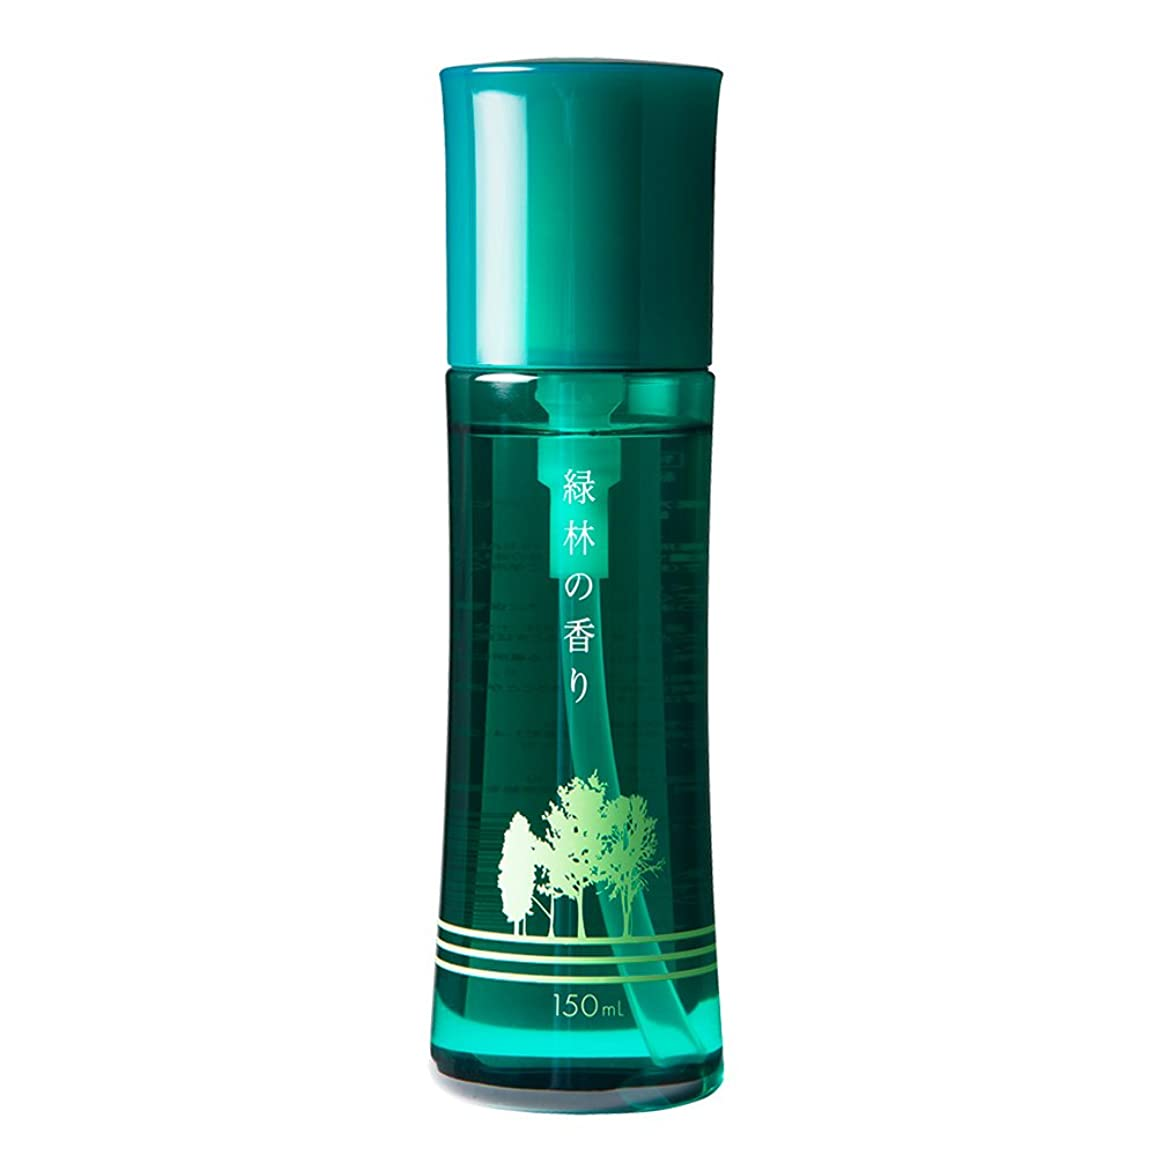 有用矢印酸化する芳香剤「緑林の香り(みどりの香り)」150mL 日本予防医薬